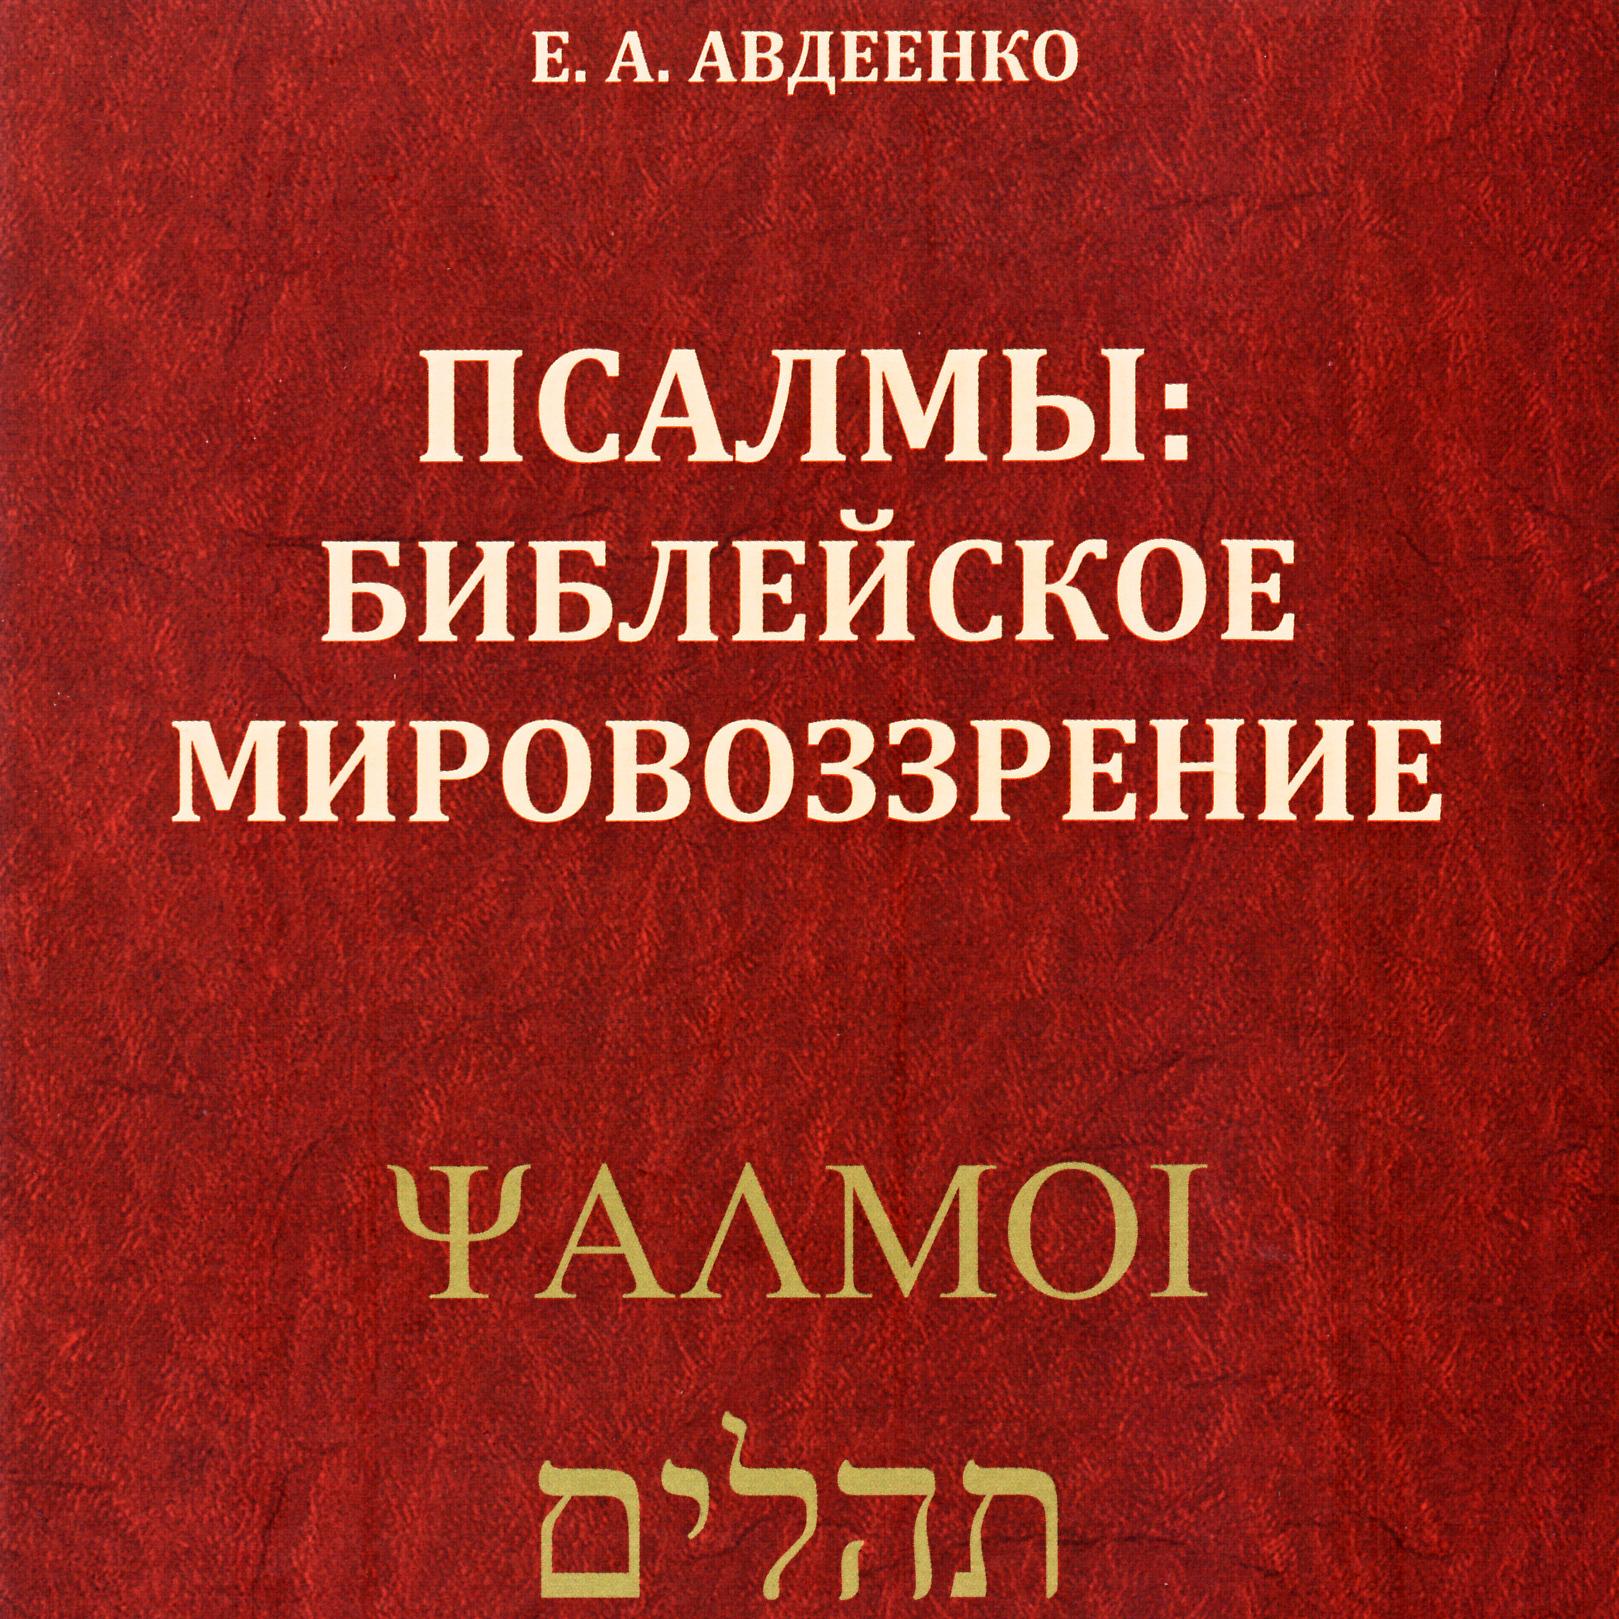 Псалмы: Библейское мировоззрение — Авдеенко Е.А.